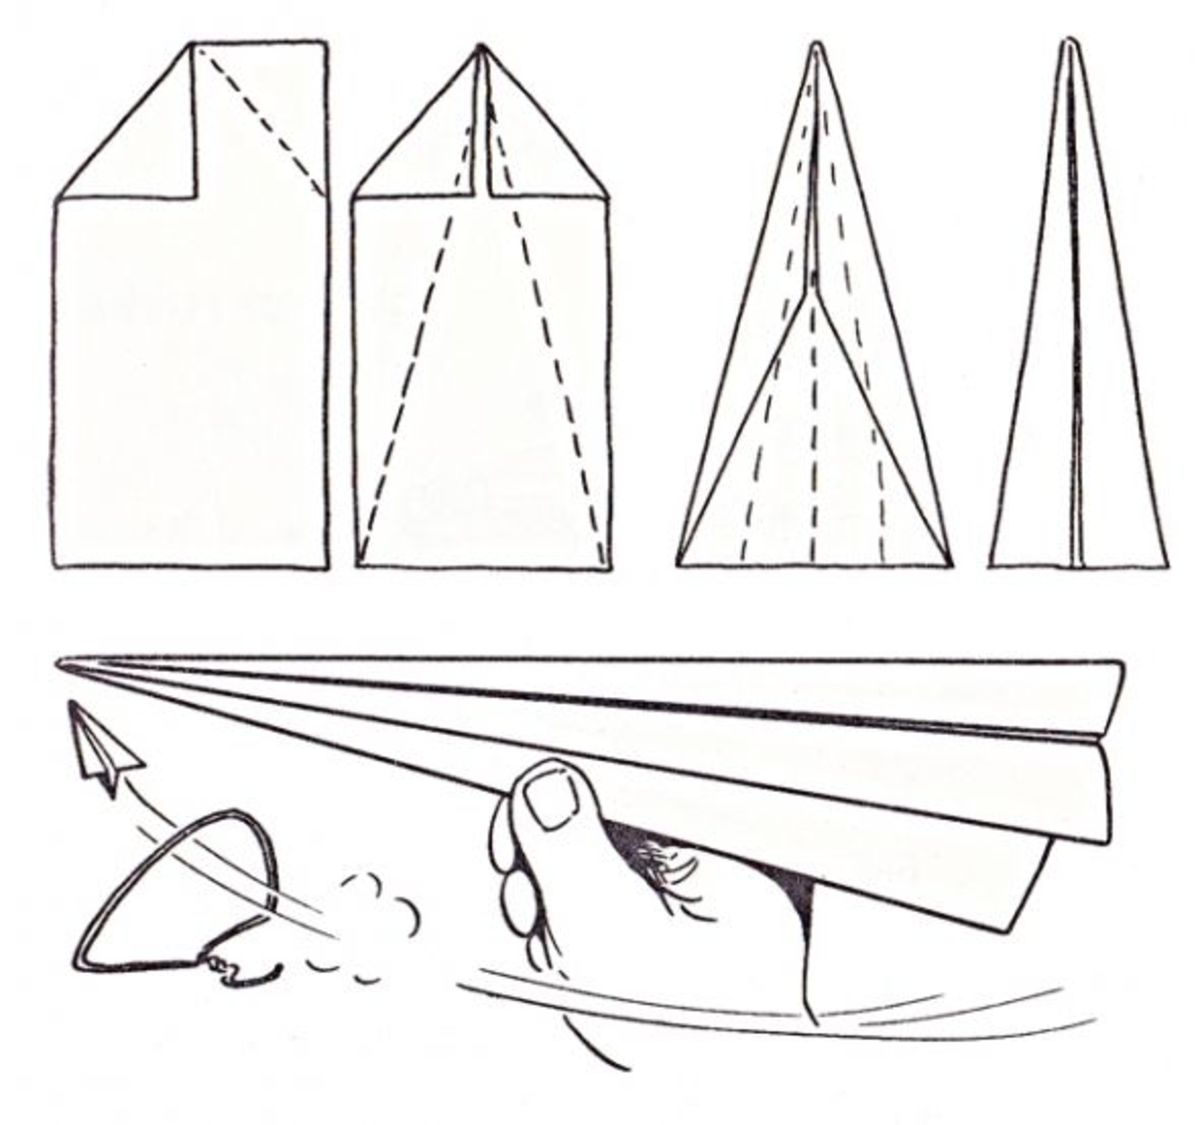 Buy a paper aeroplane that flies far